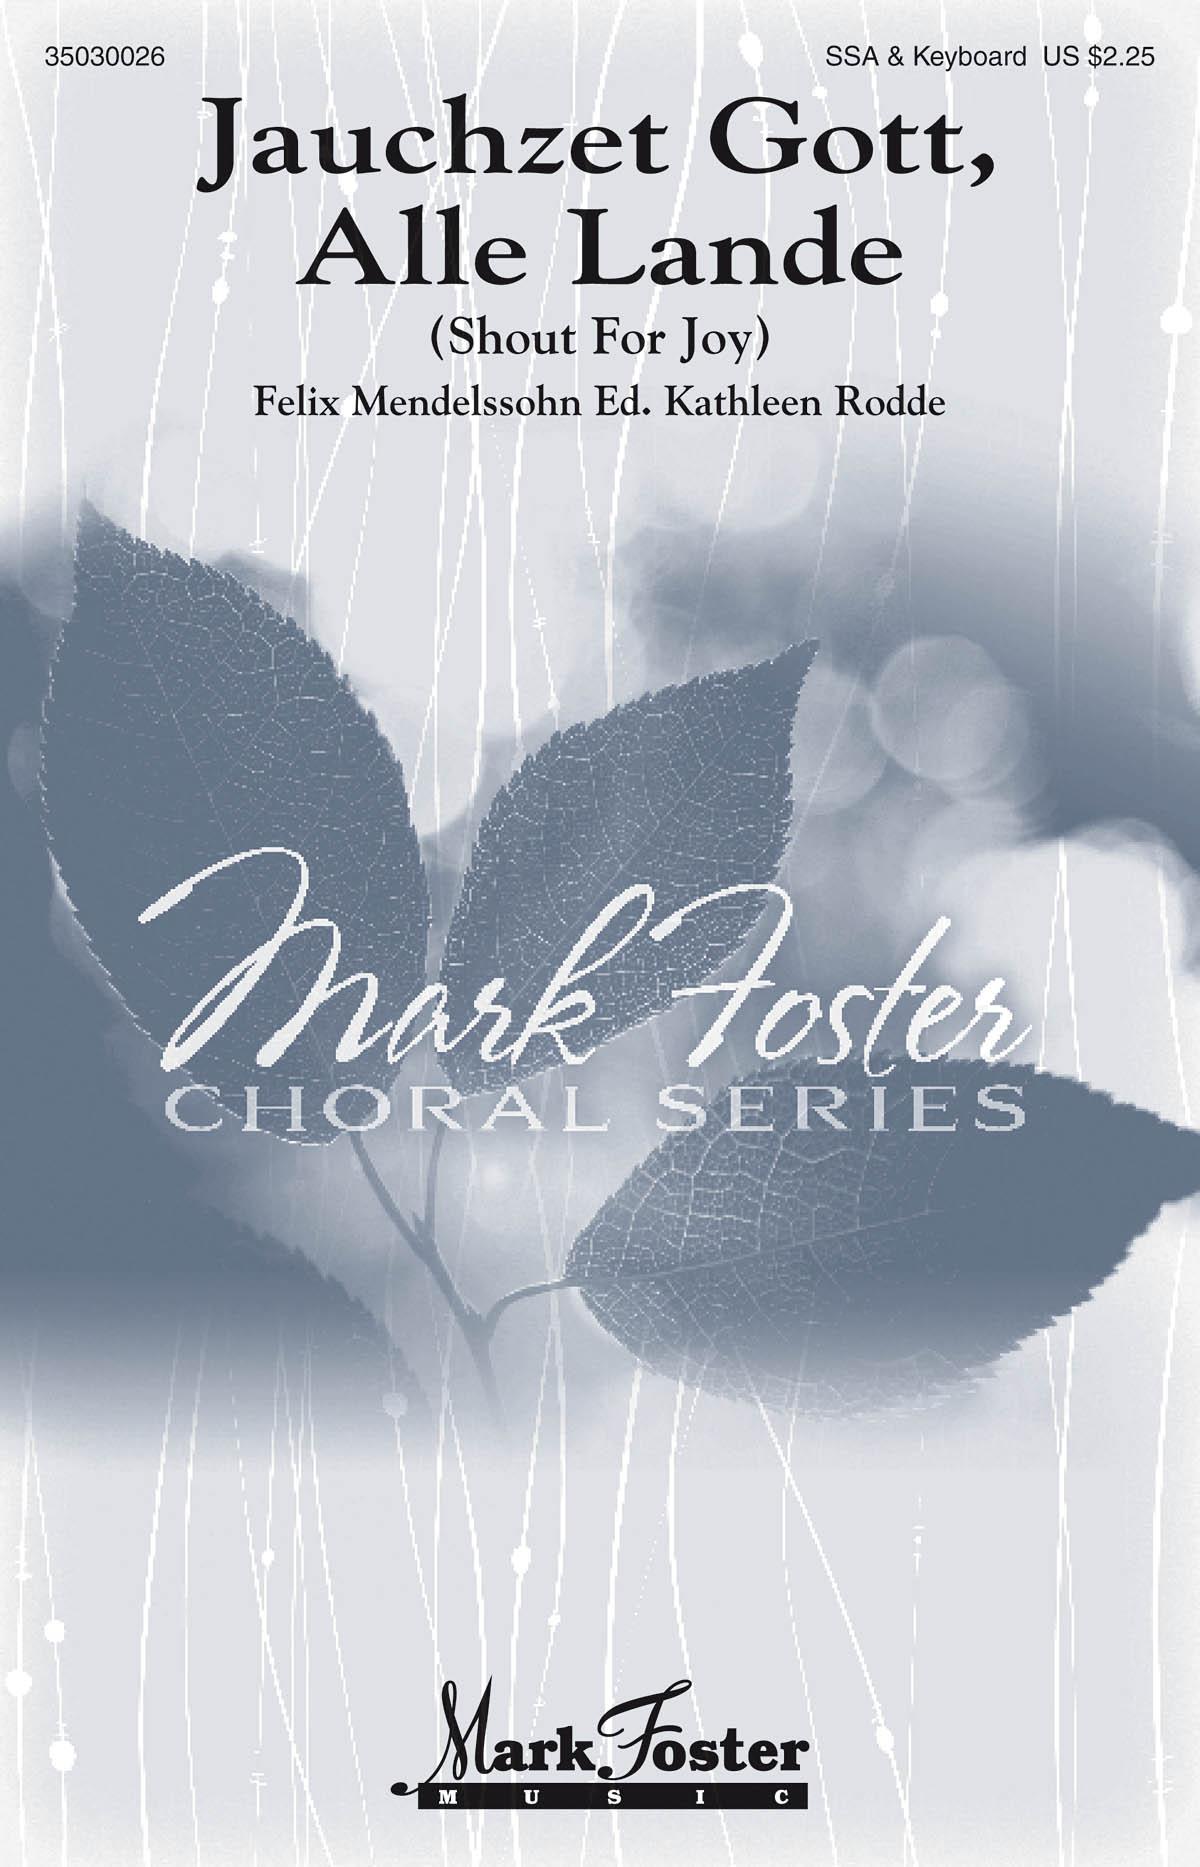 Felix Mendelssohn Bartholdy: Jauchzet Gott  Alle Lande: SSAA: Vocal Score